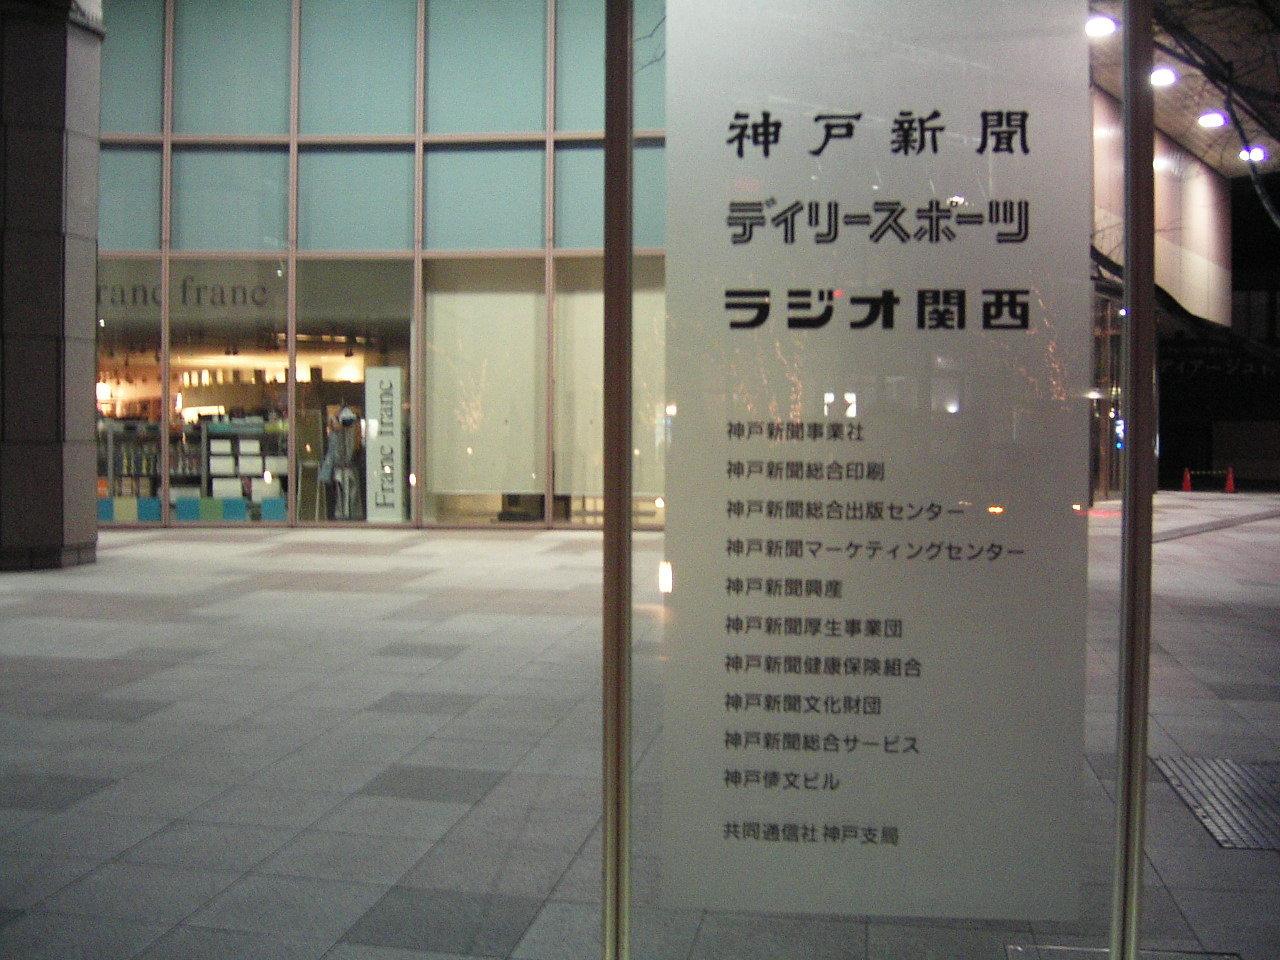 KIF_0573